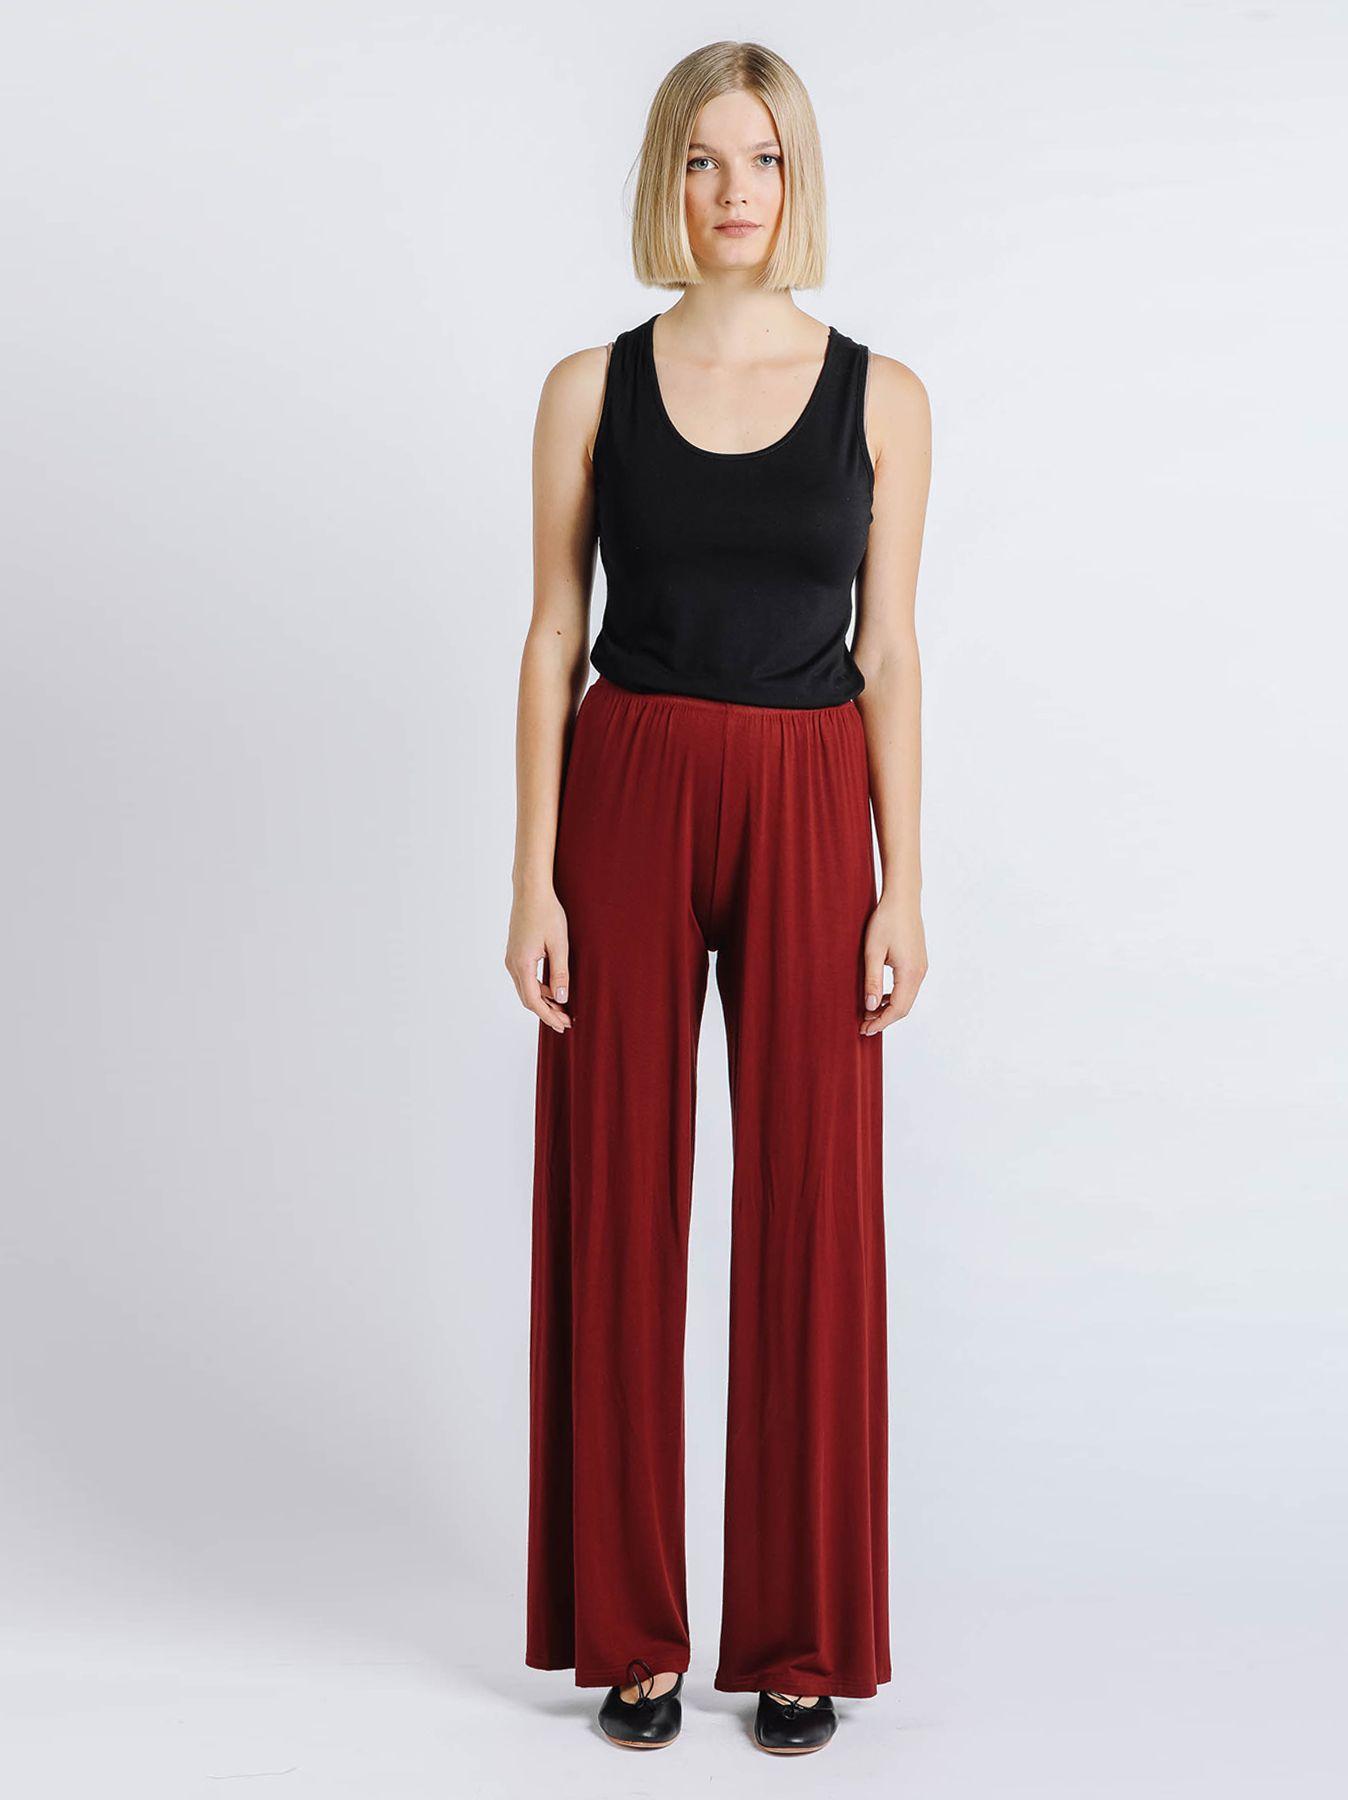 Pantalone elastico BORDEAUX